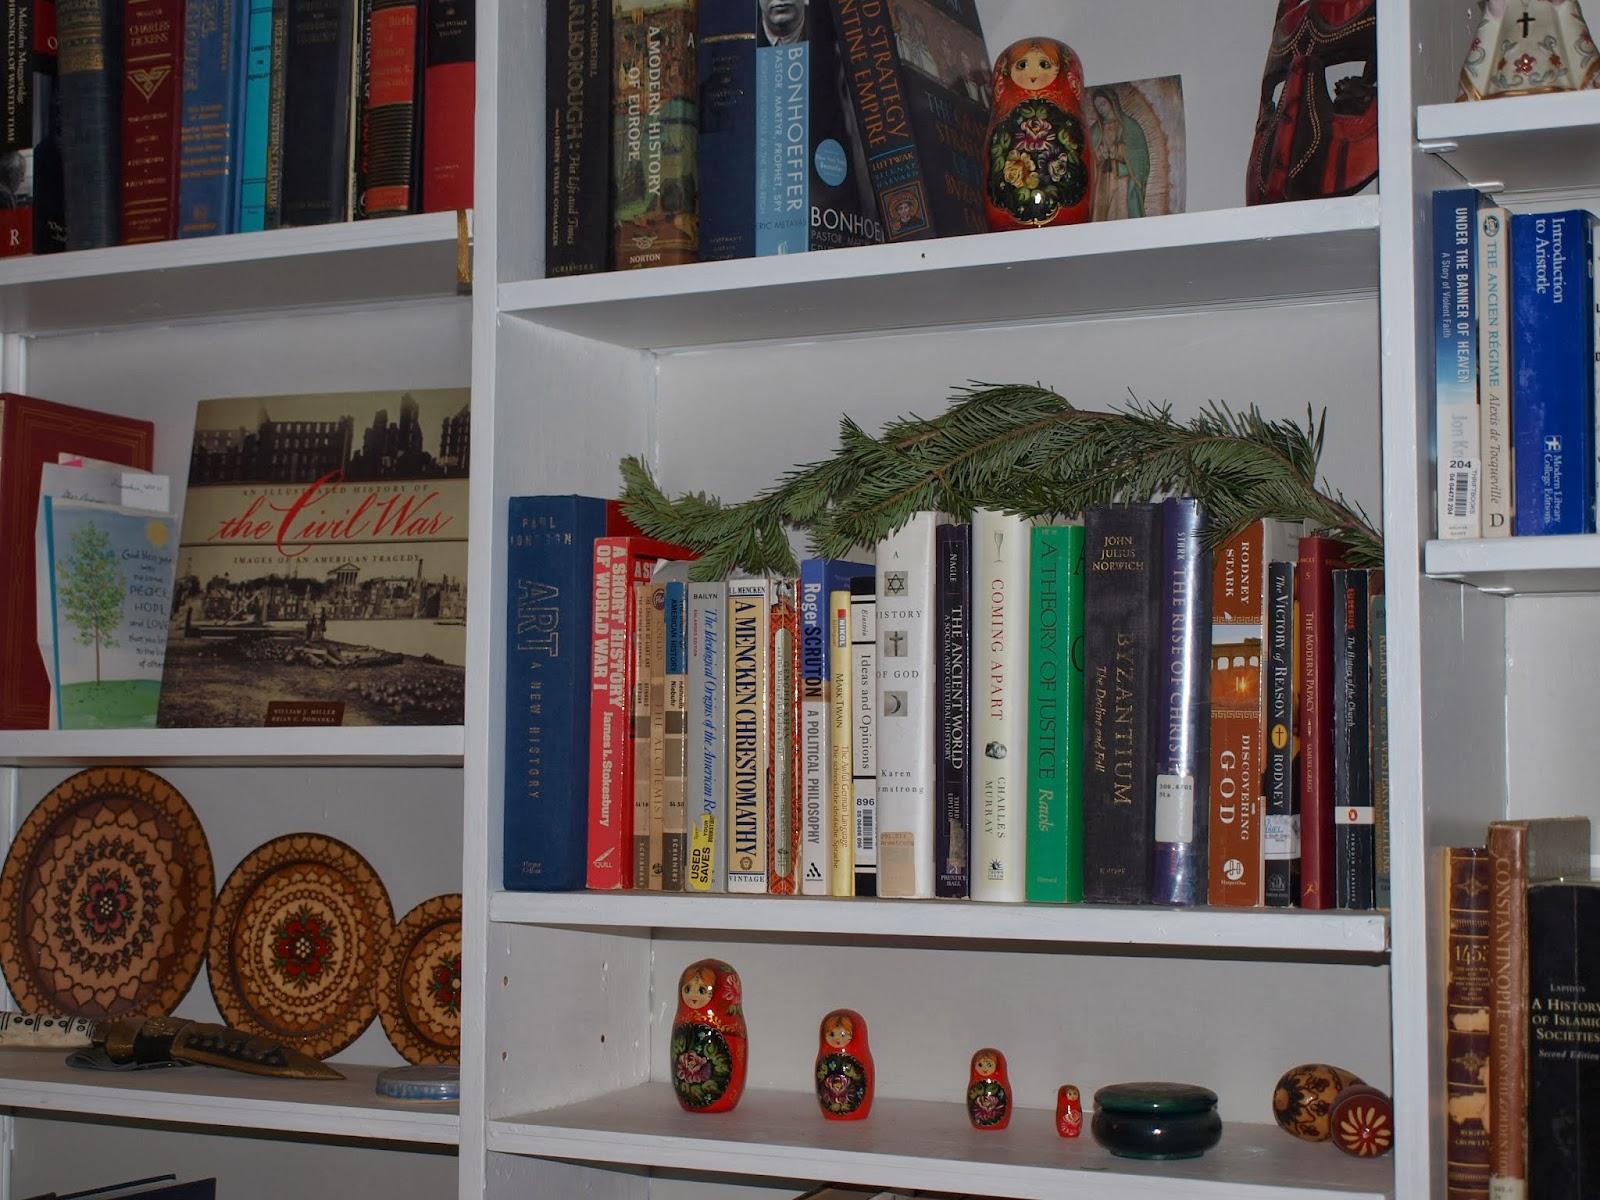 Christmas Bookshelf Close Up